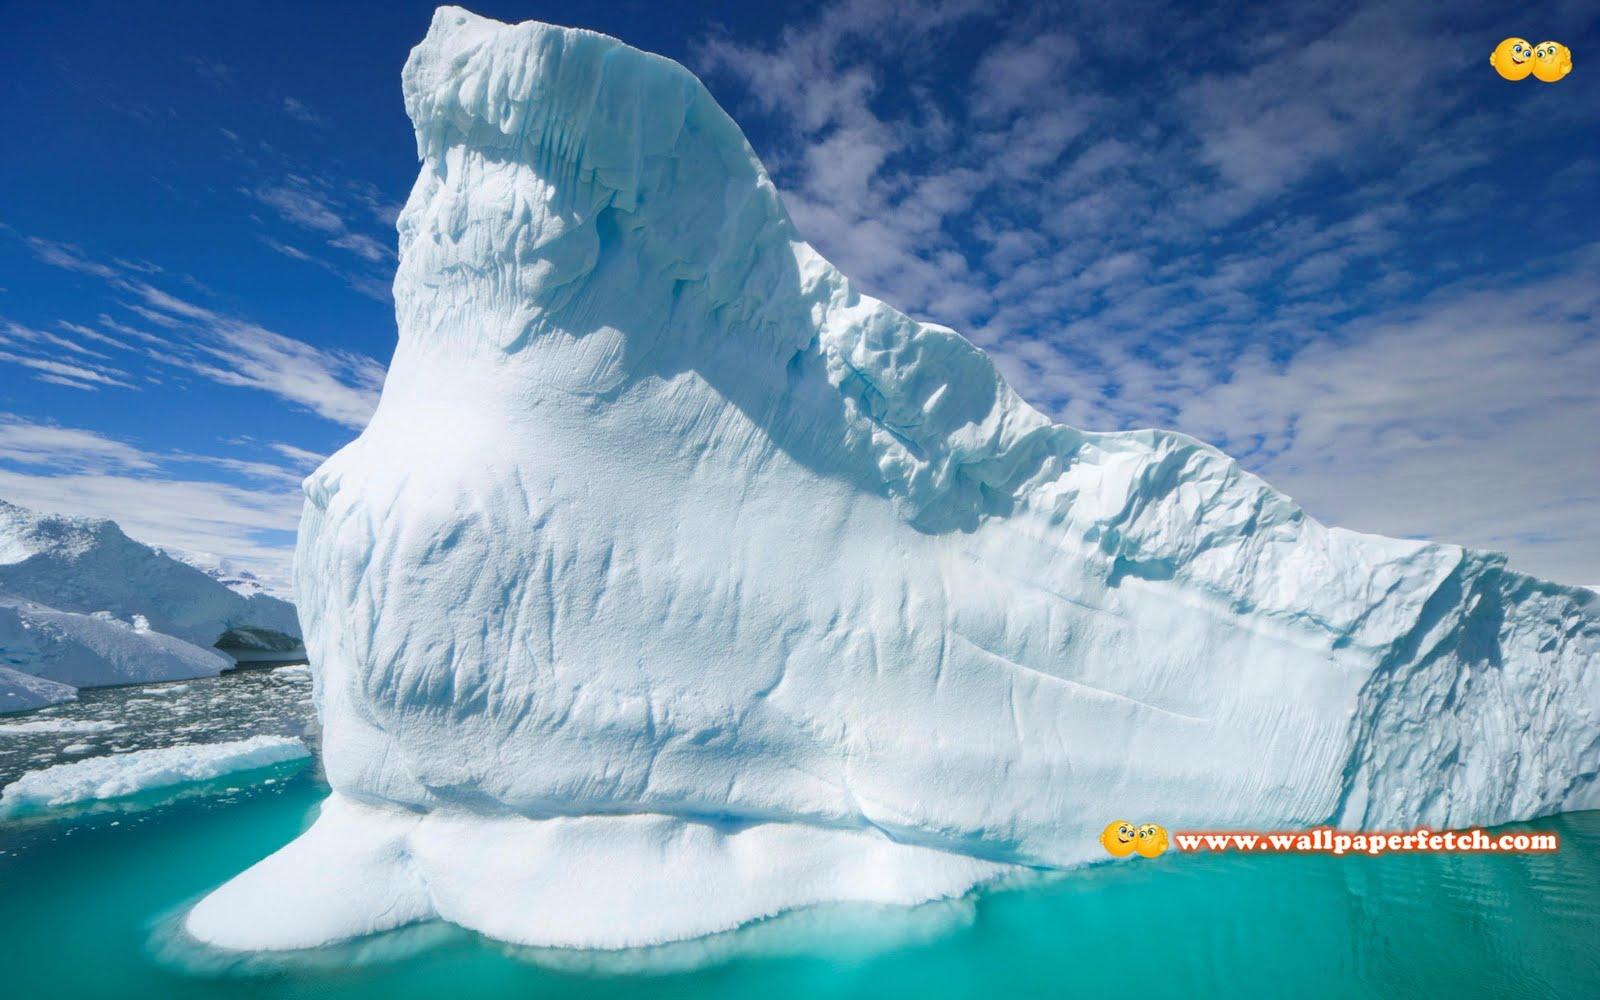 http://2.bp.blogspot.com/-jcmz_9hYB-E/TwyY0550bnI/AAAAAAAAMUA/gYFdkdTwl6k/s1600/HDPackSuperiorWallpapers342_124.jpg